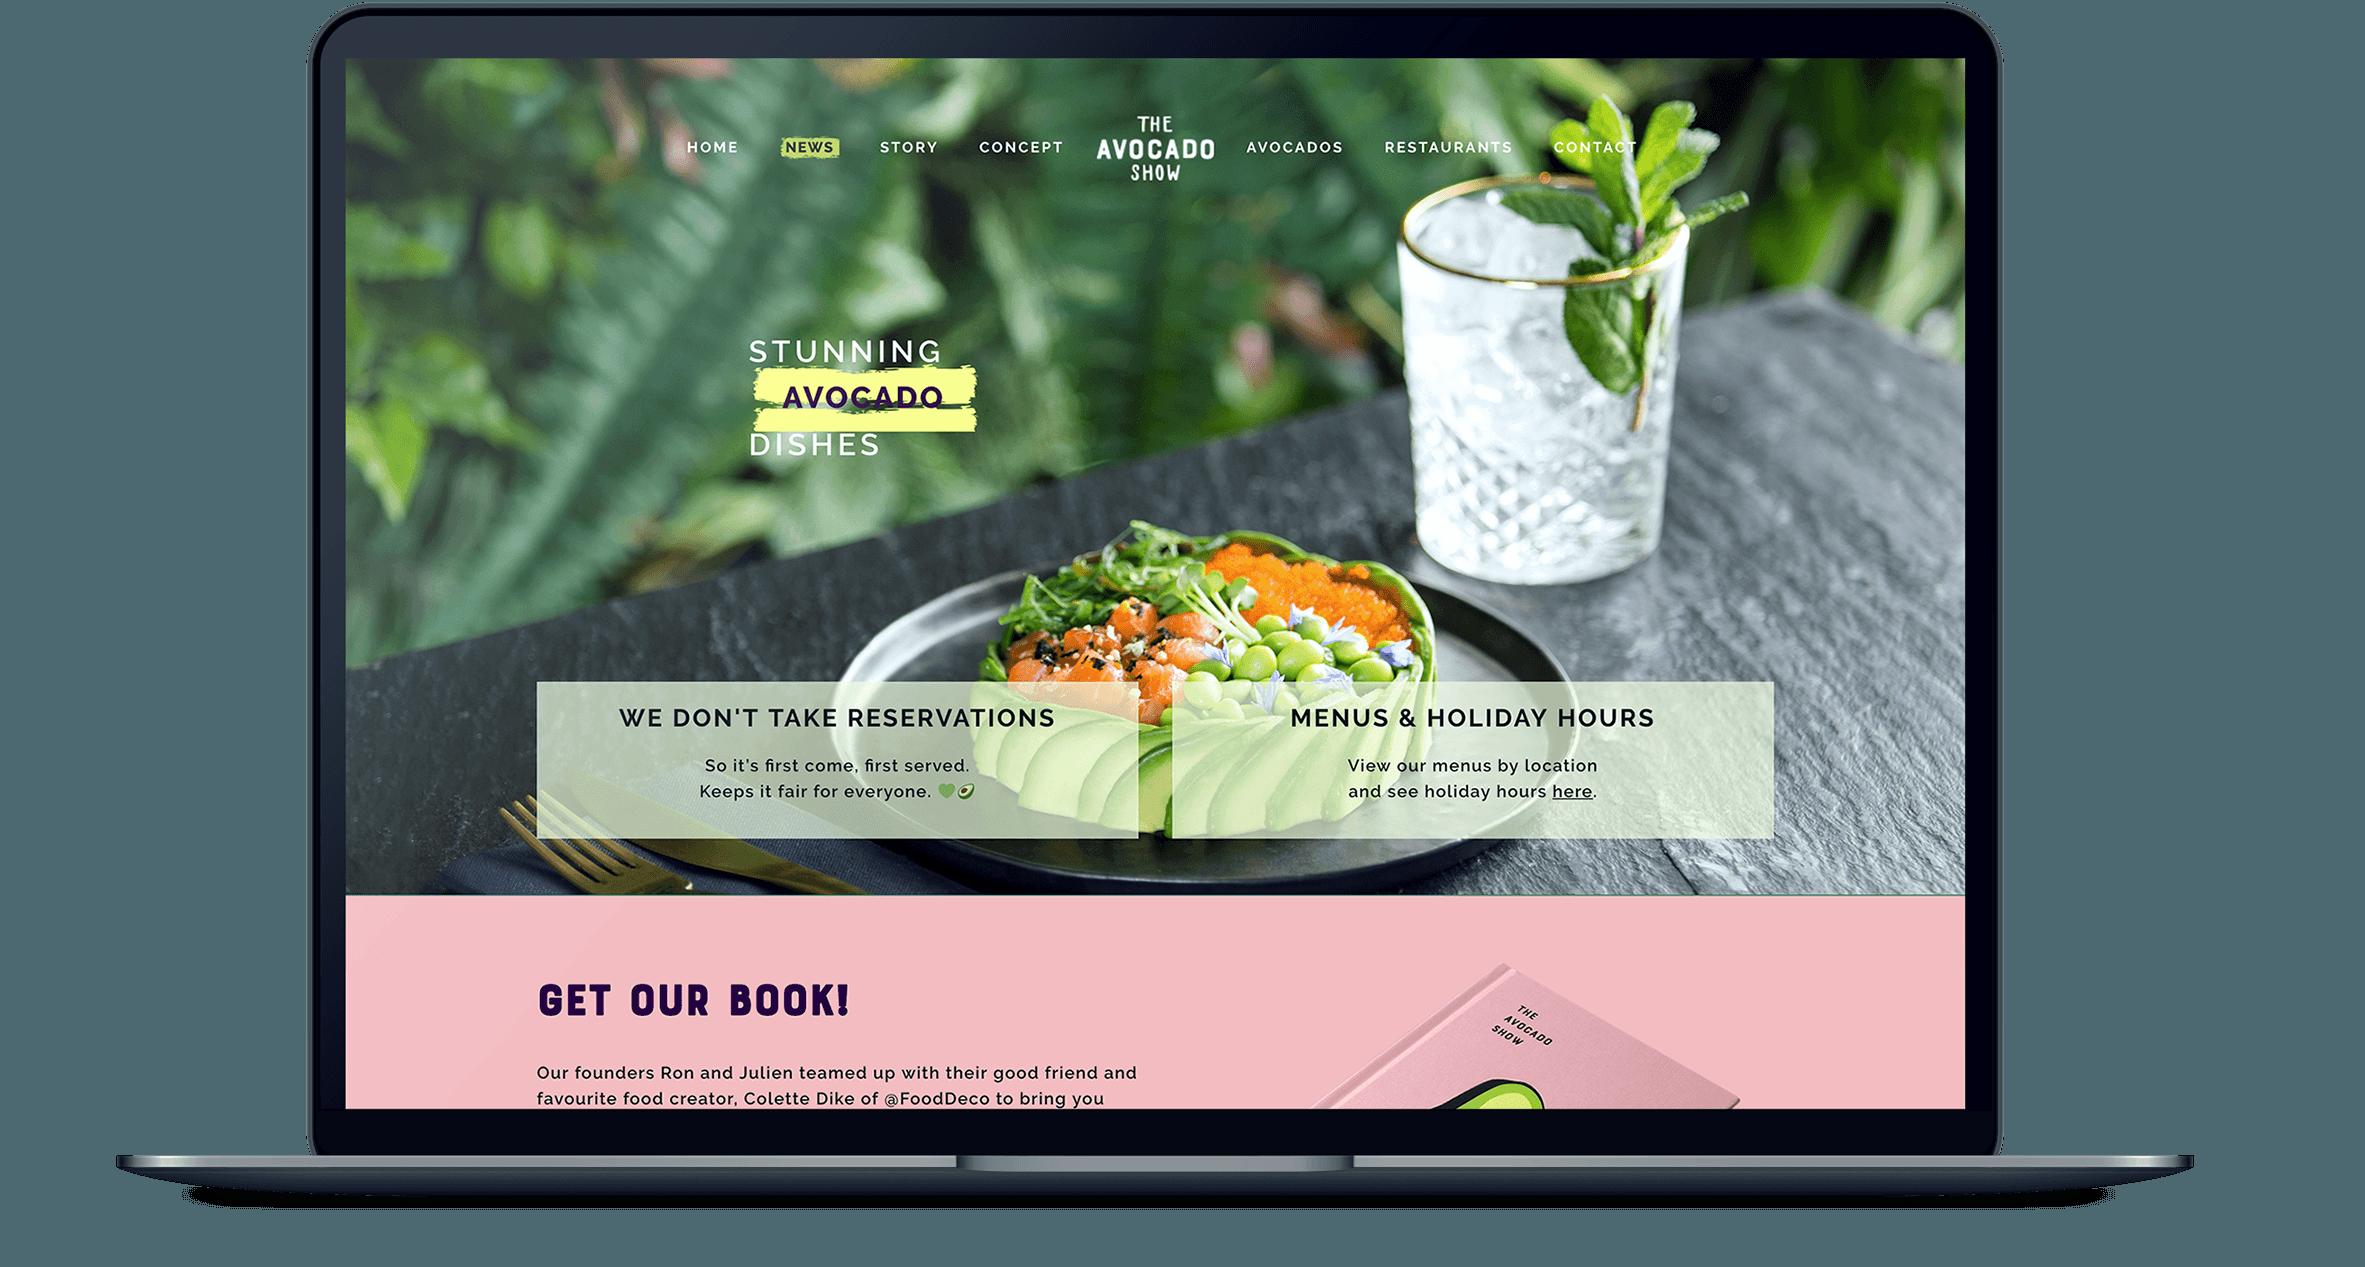 The Avocado Show website homepagina weergegeven op een MacBook